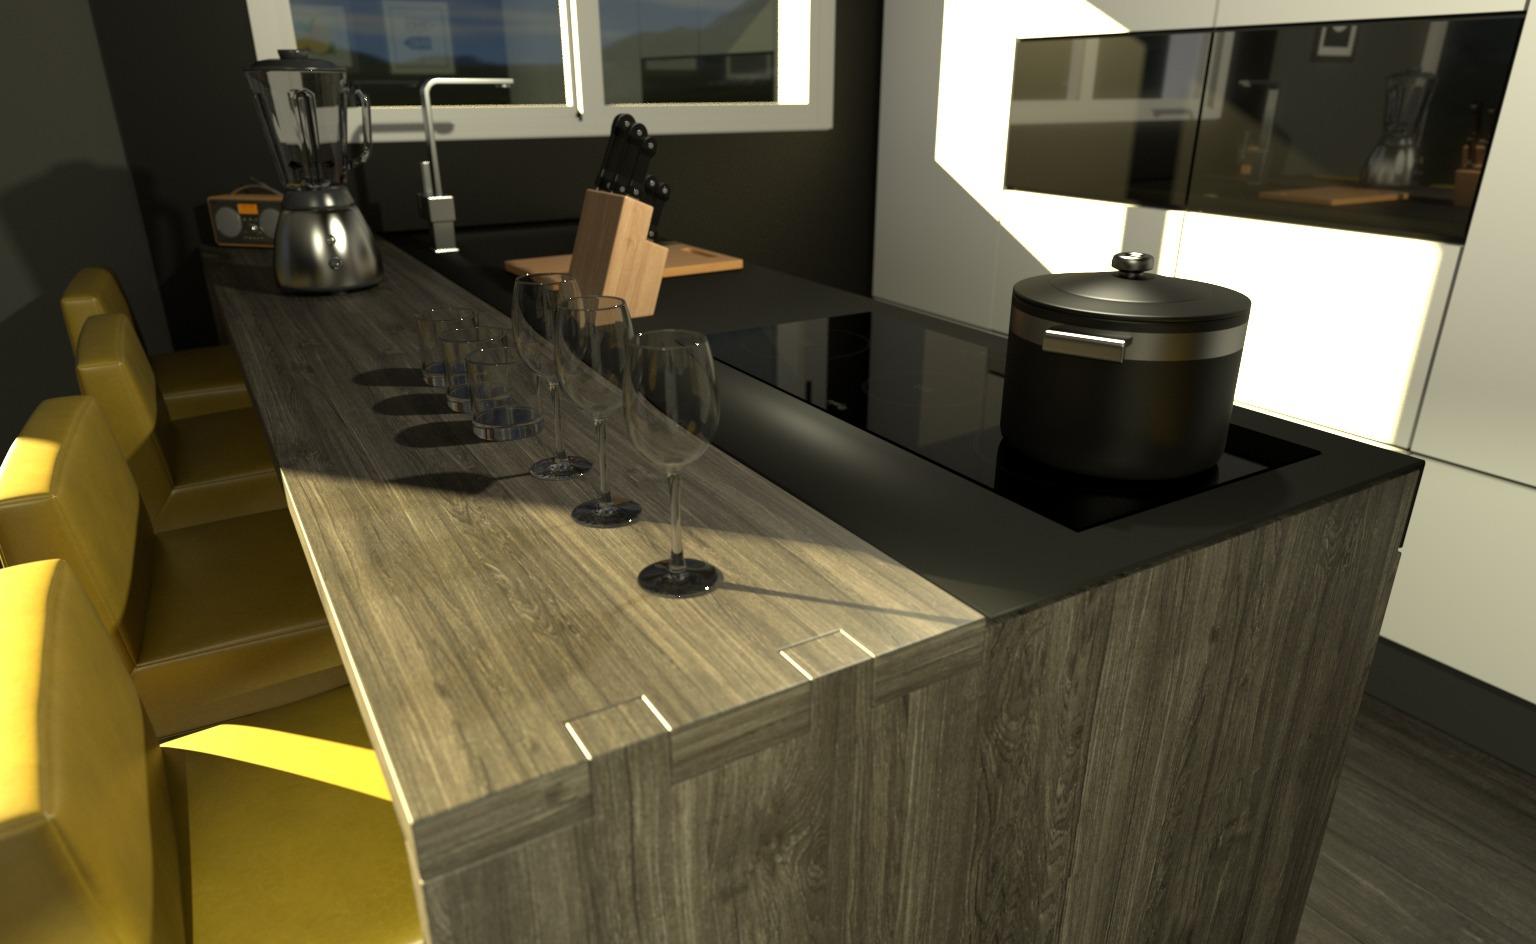 Dettaglio cucina 3